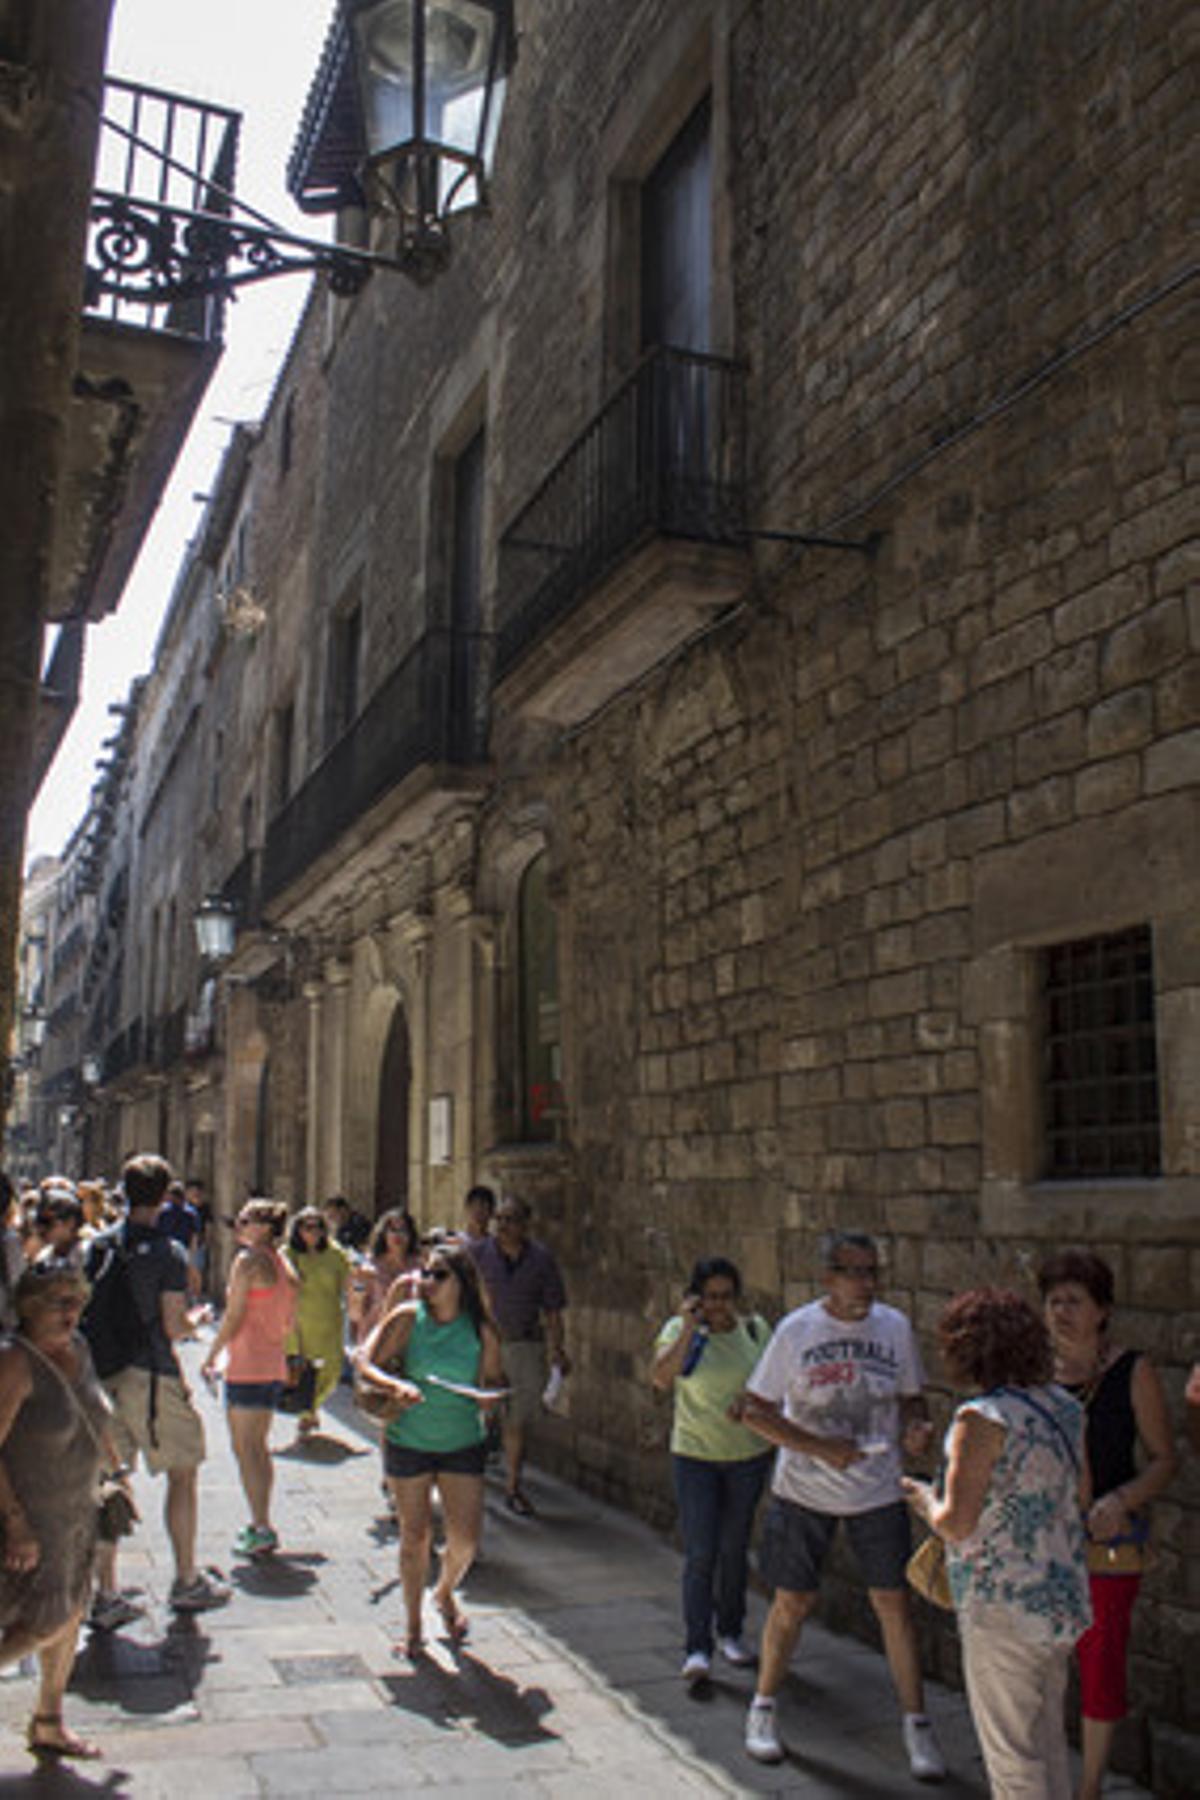 El Palau Nadal y el del Marquès de Llió cobijan elMuseu de Cultures del Món enla calle de Montcada, en el barrio del Born.